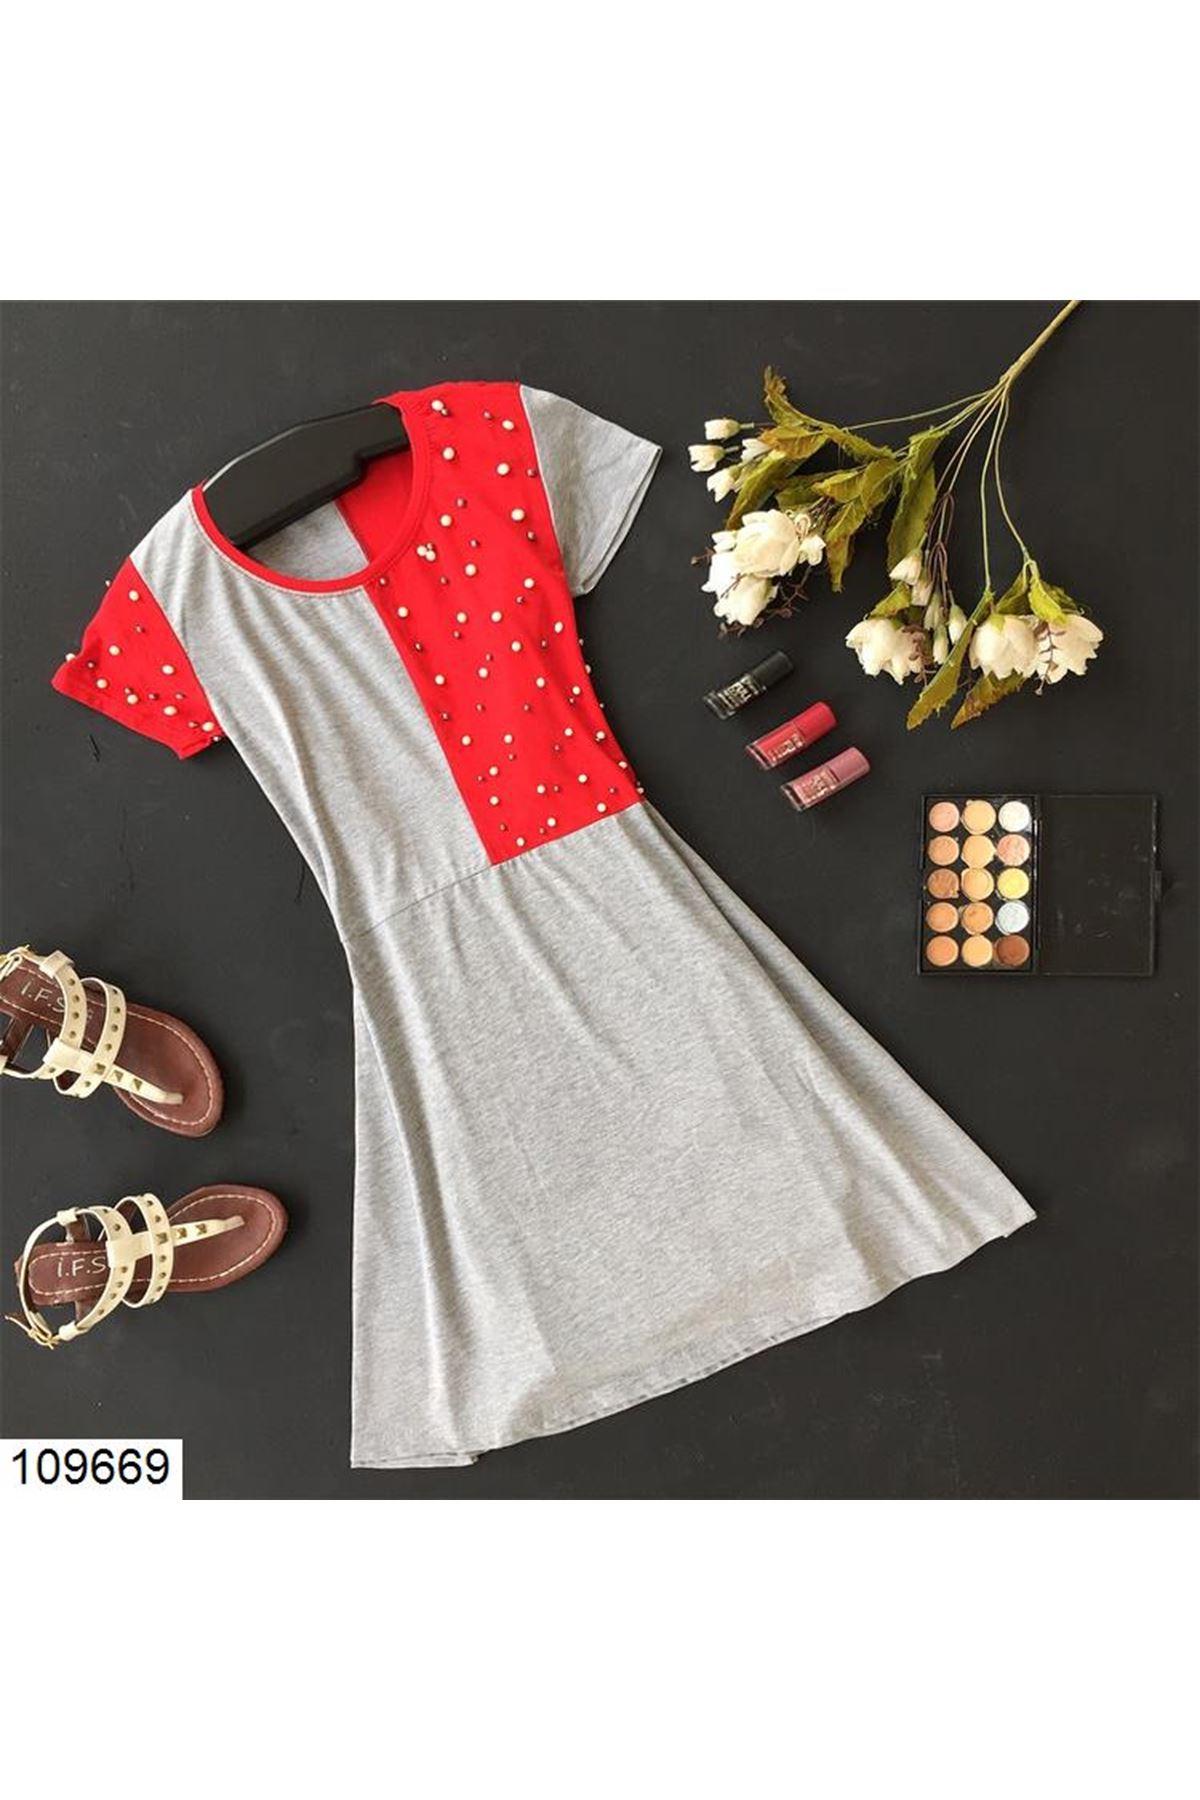 فستان قطن واسع بفصوص لؤلؤ نسائي